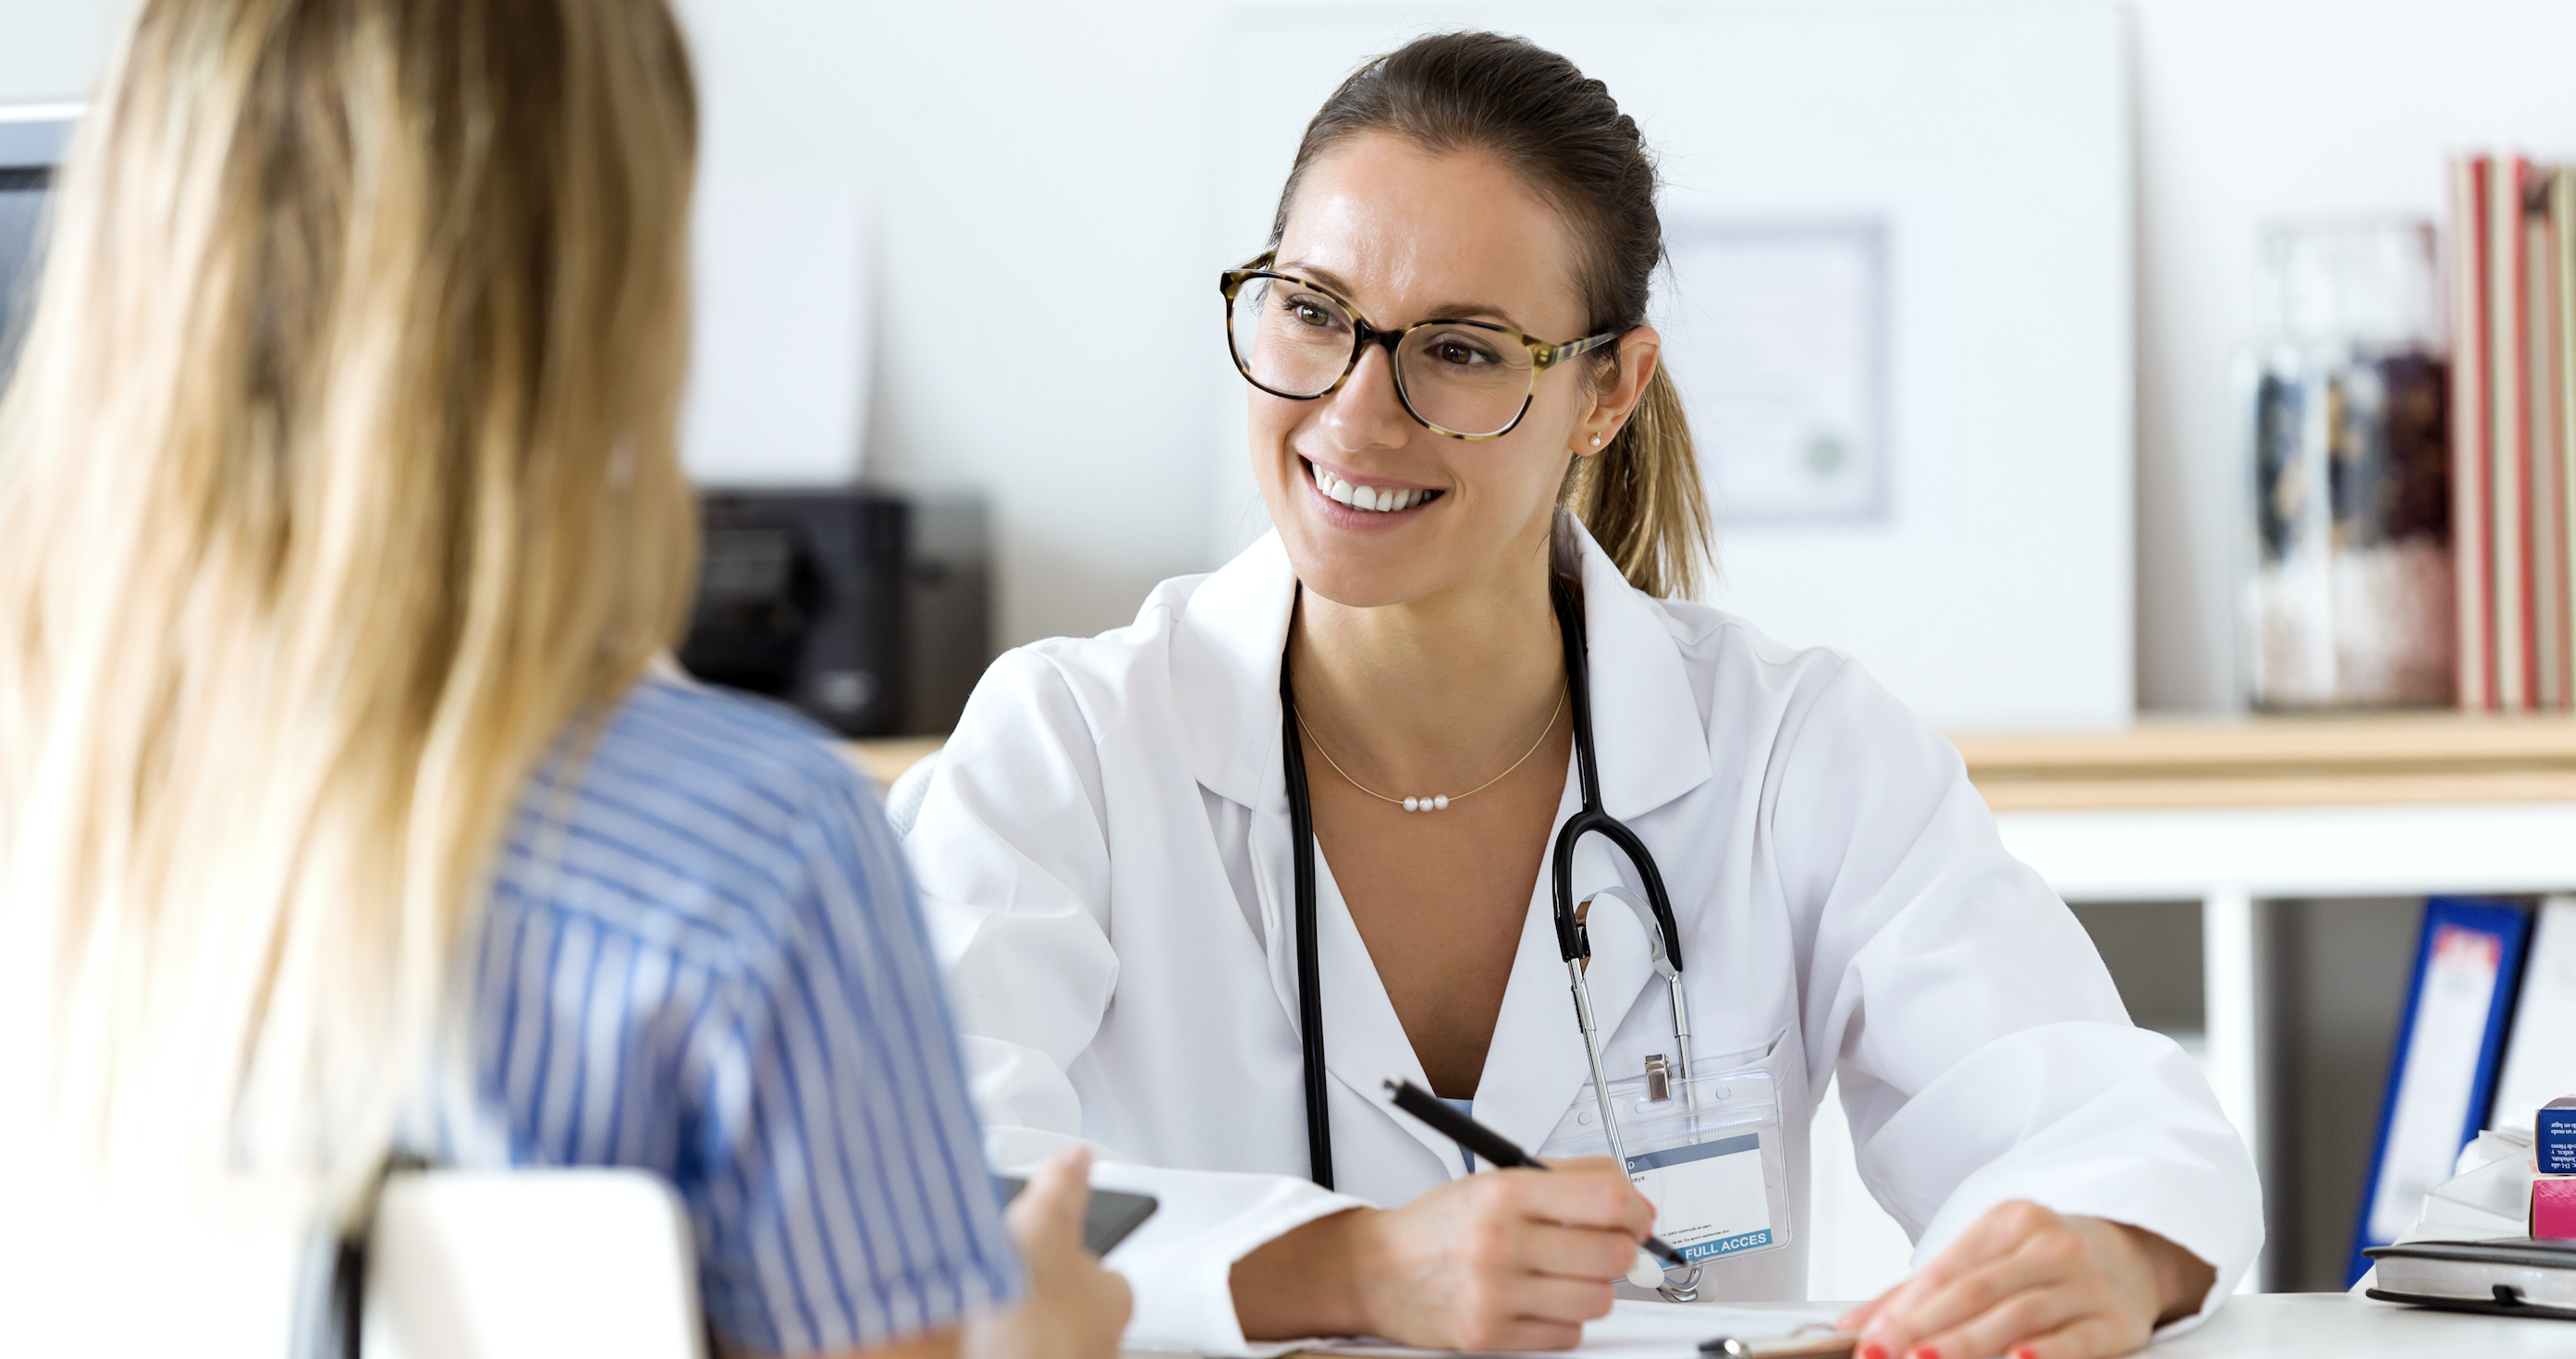 Médecin étranger en france